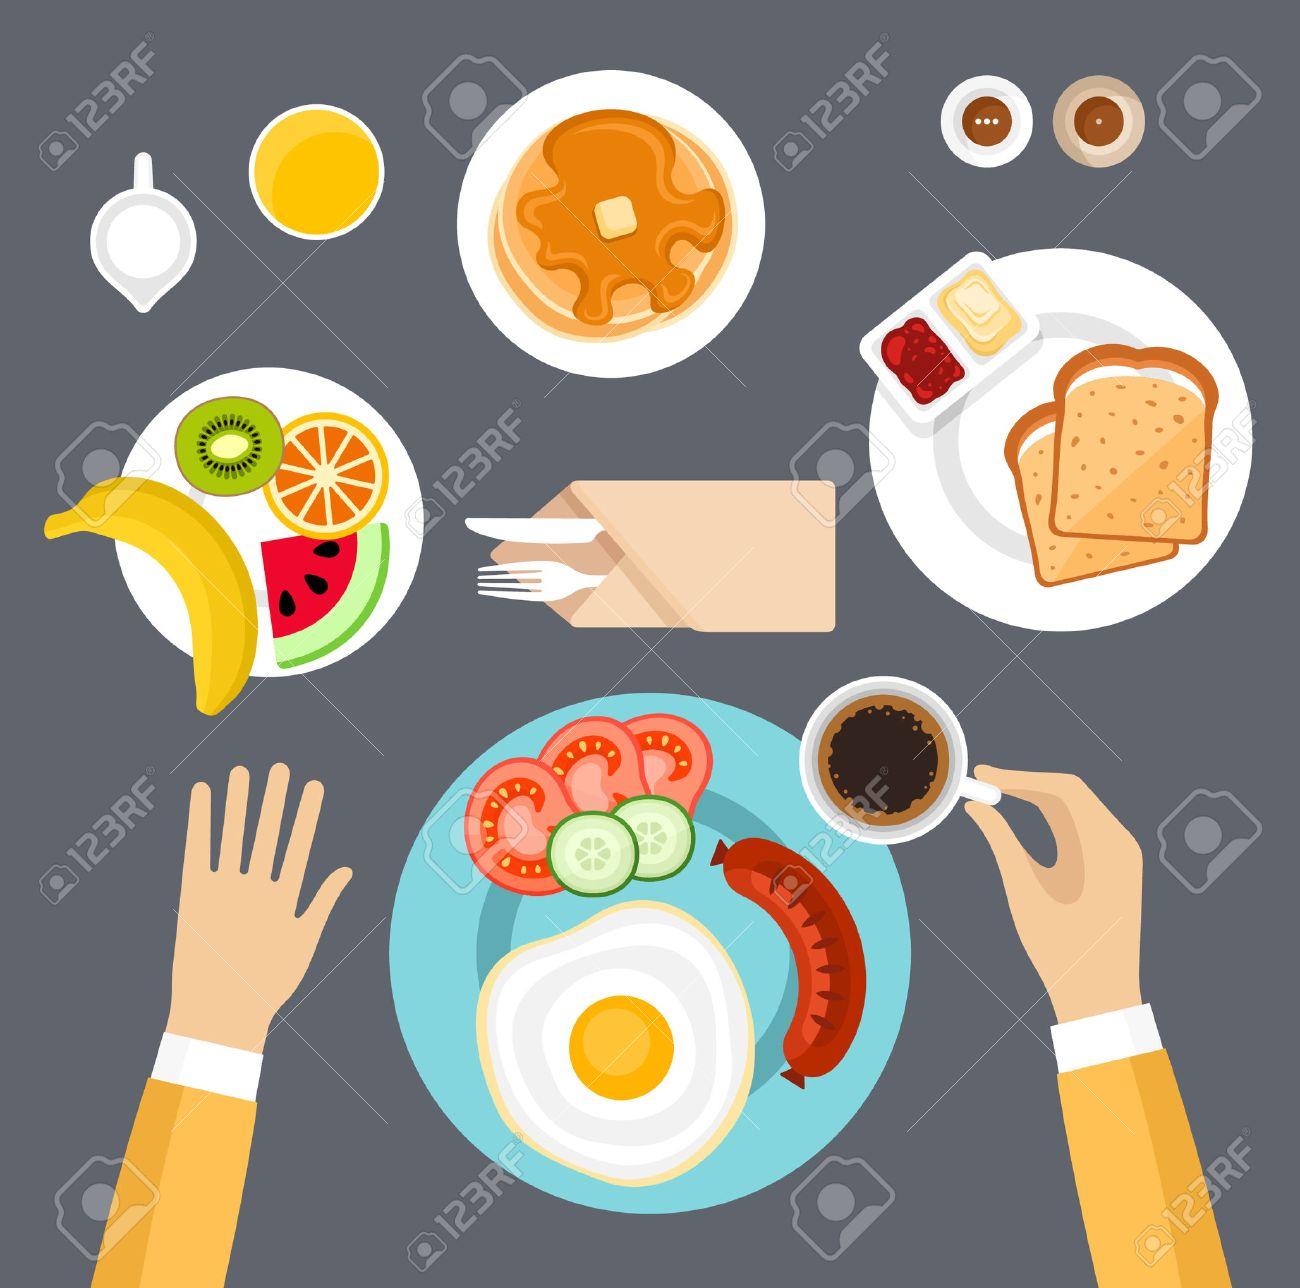 Breakfast set. - 40243455